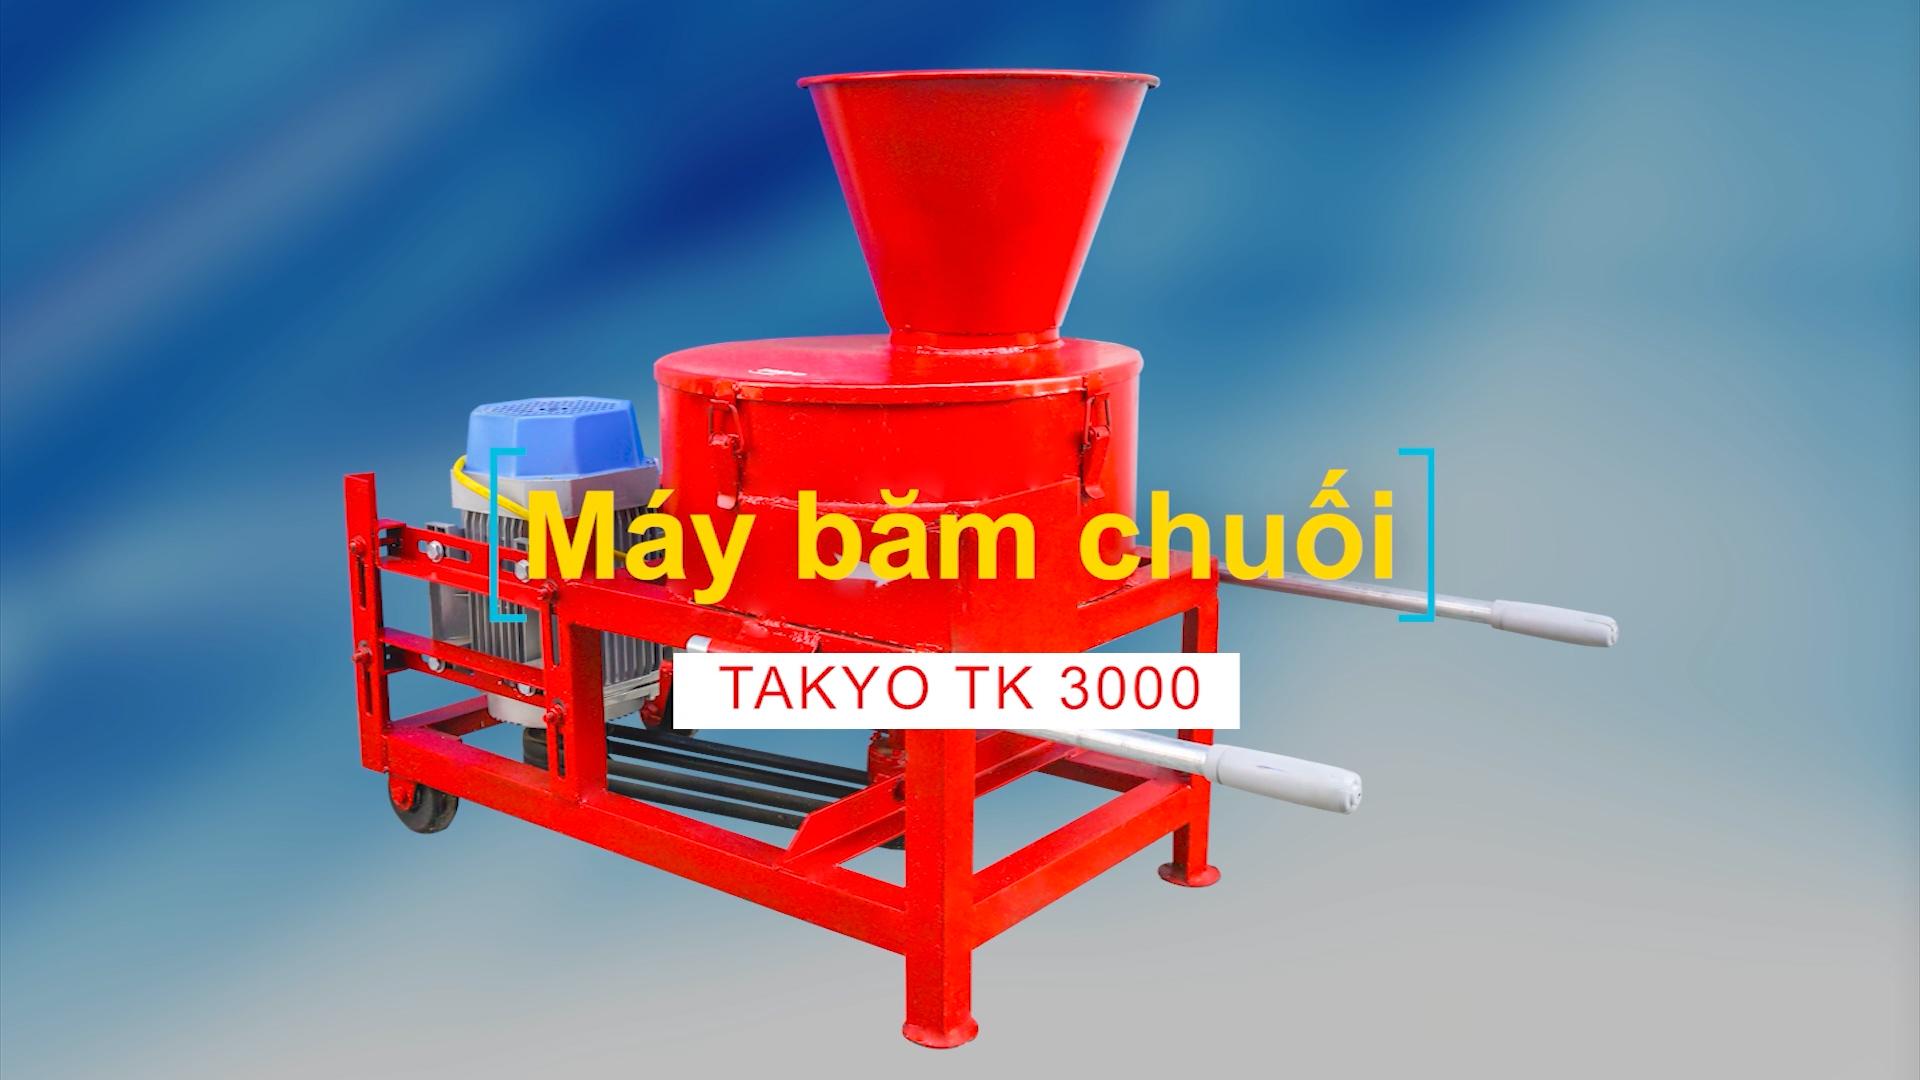 MÁY xắt chuối nhuyễn nuôi gà, cá, vịt Takyo TK 3000